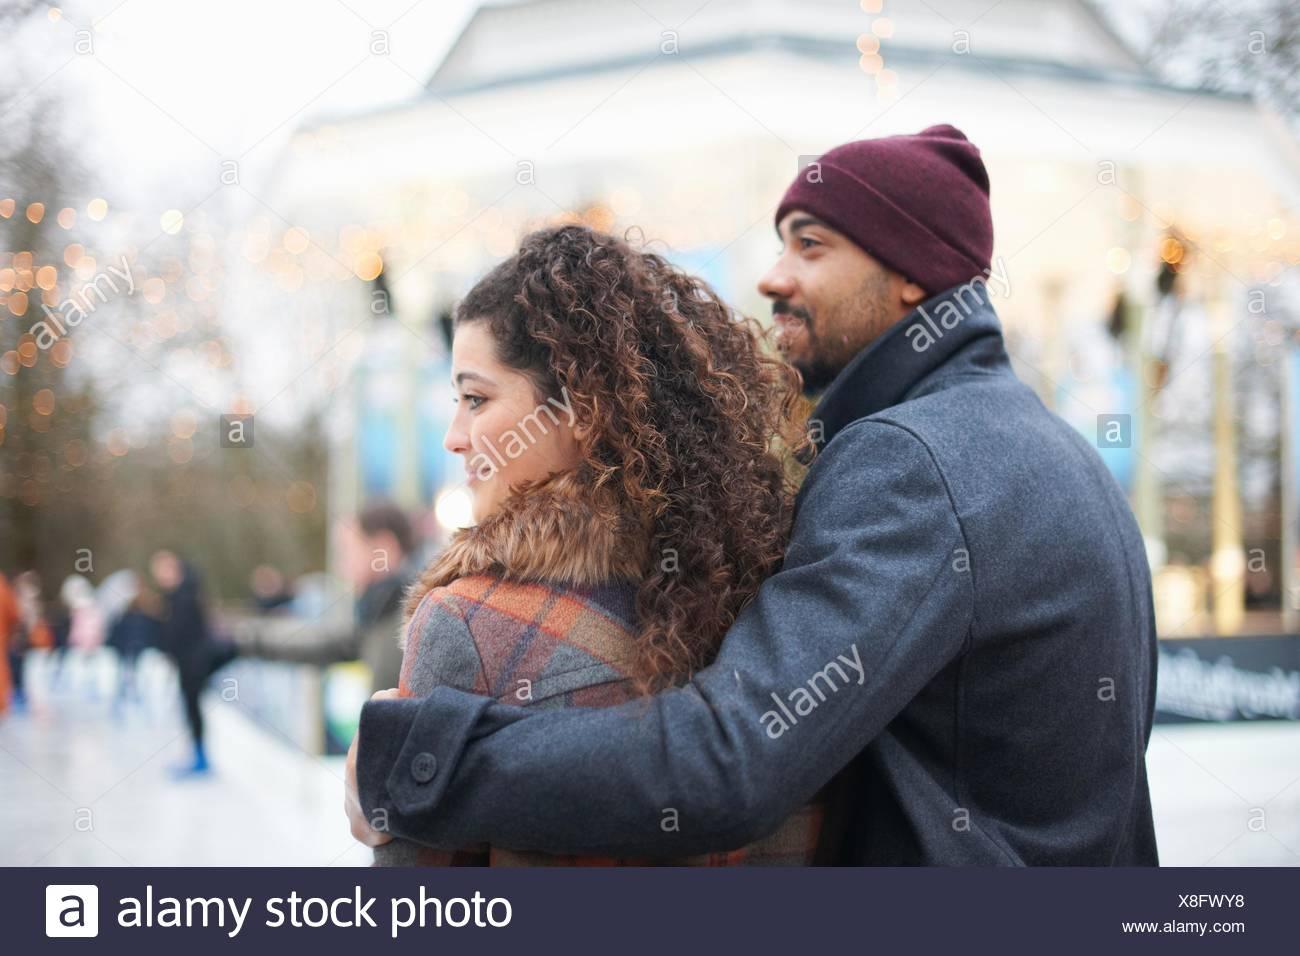 Vue arrière Mid adult man wearing Knit hat avec bras autour de young woman  smiling 6353bac0259b